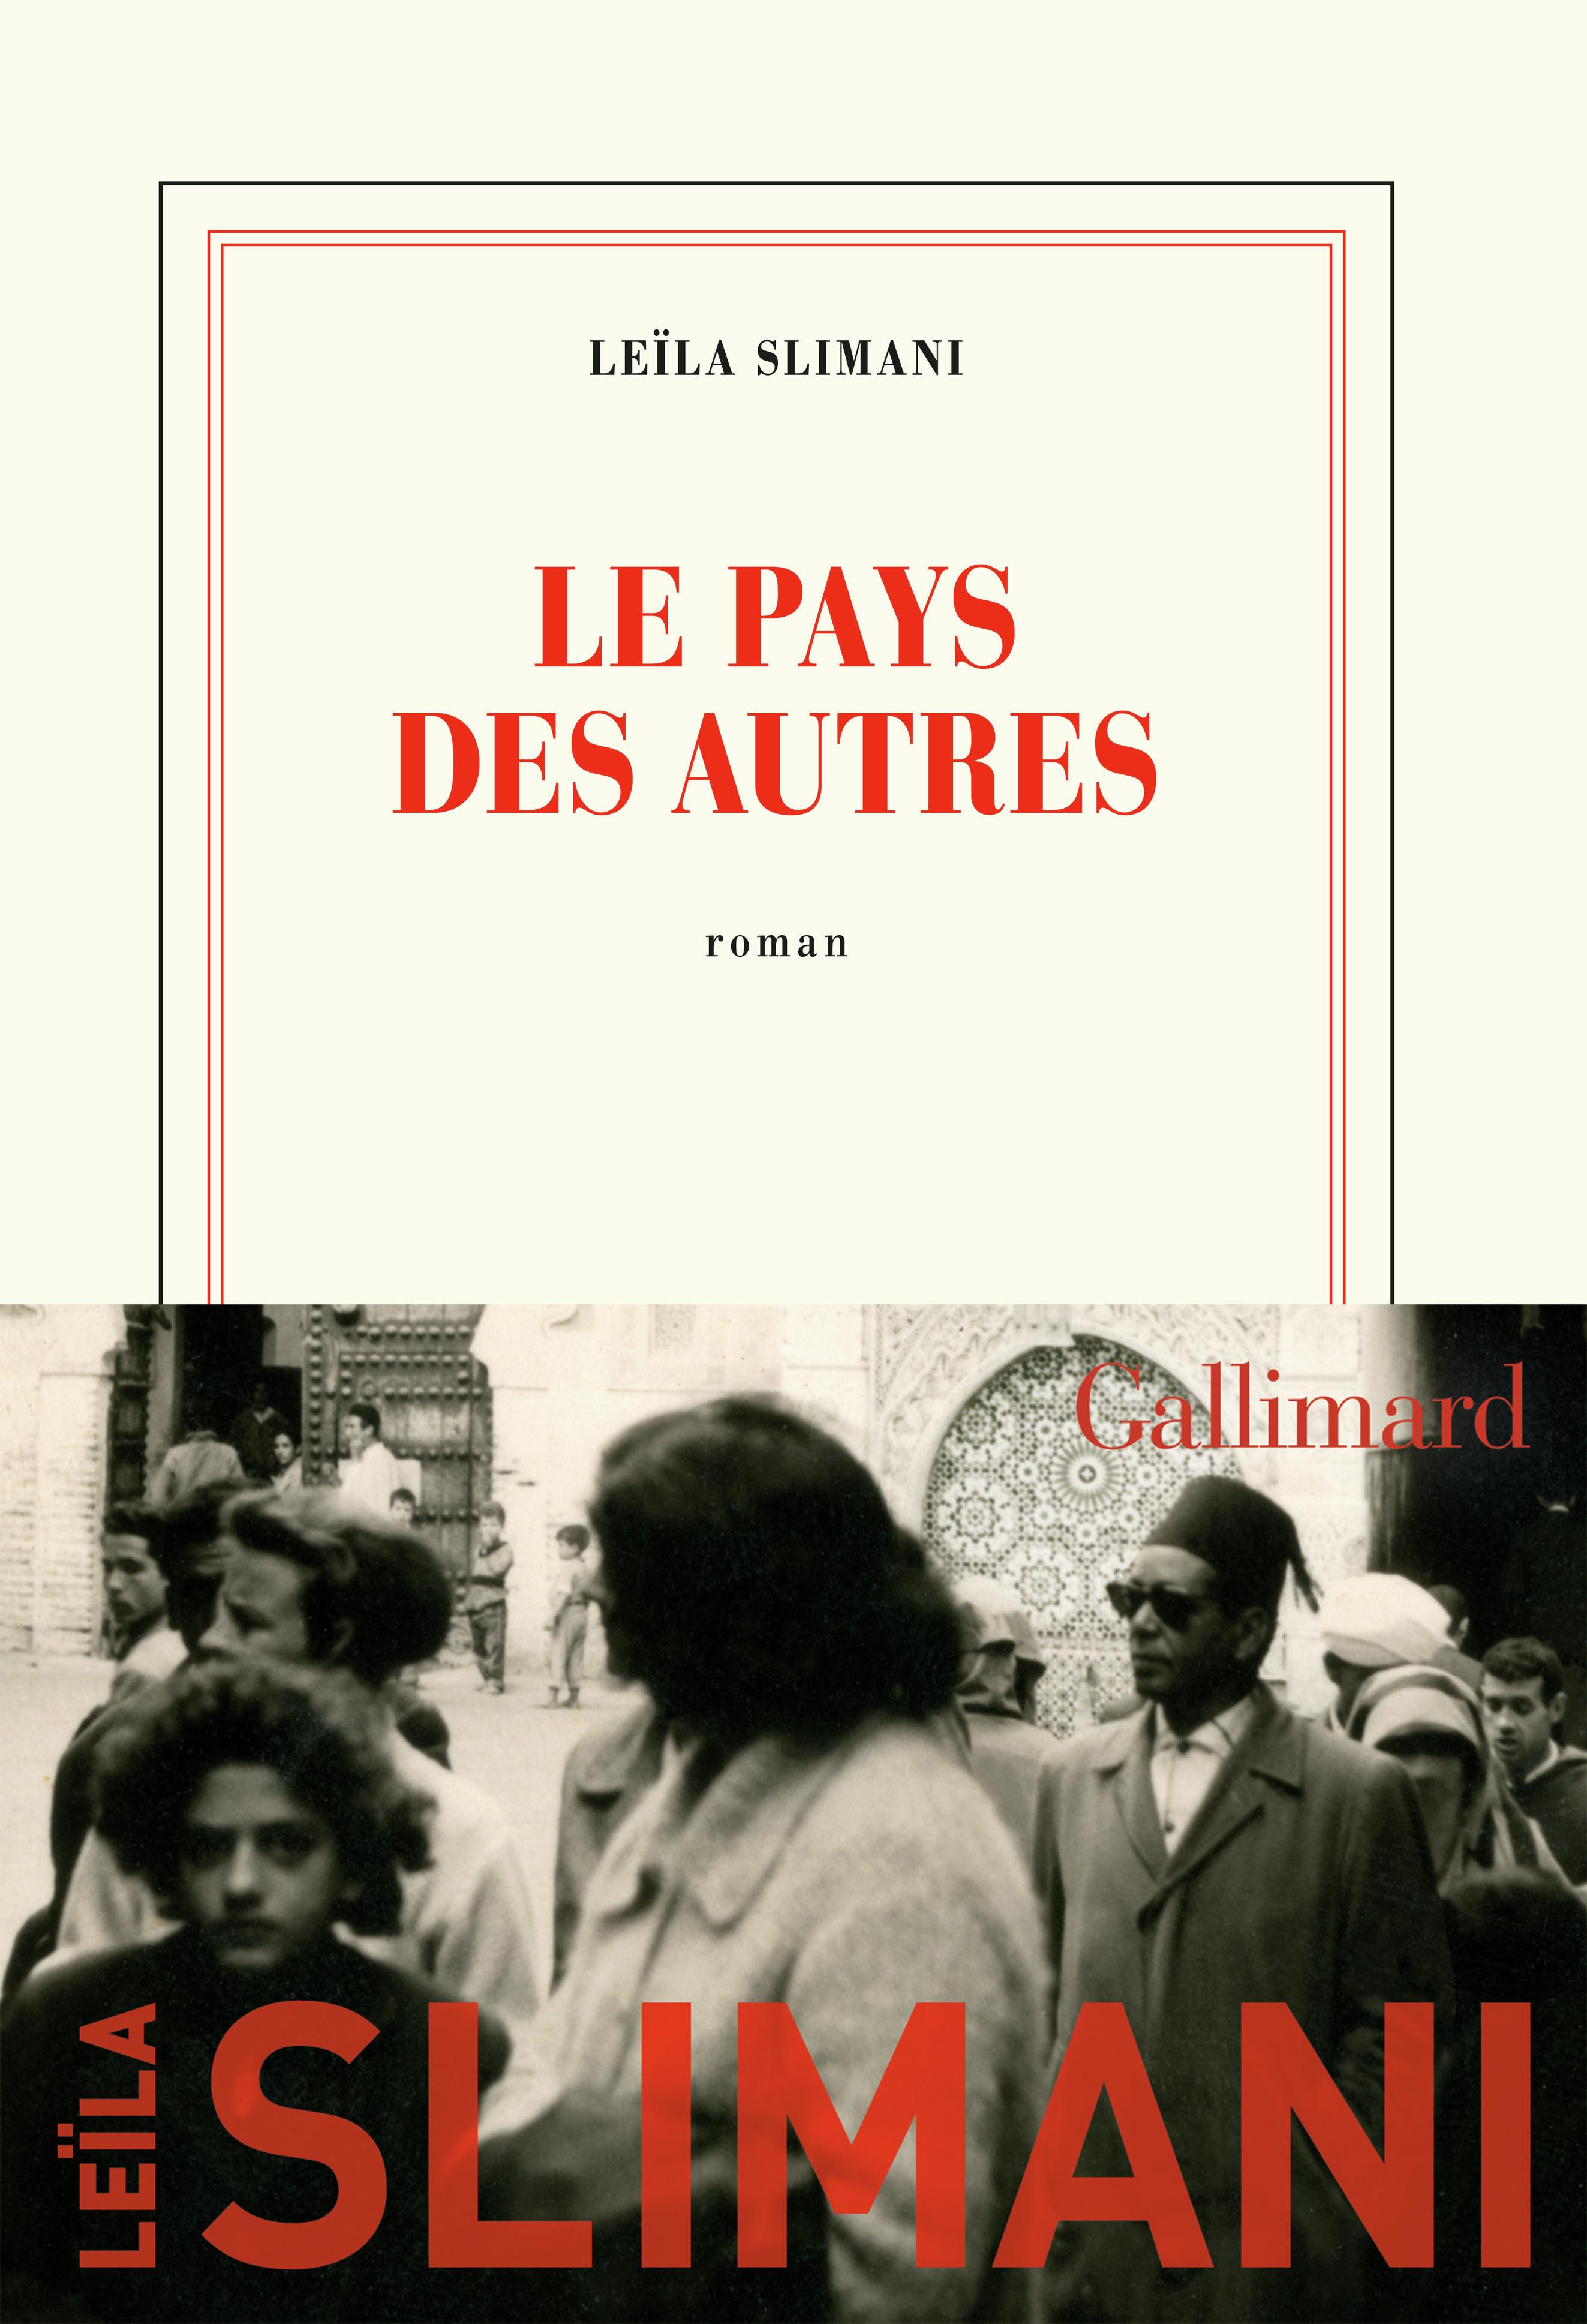 LE PAYS DES AUTRES